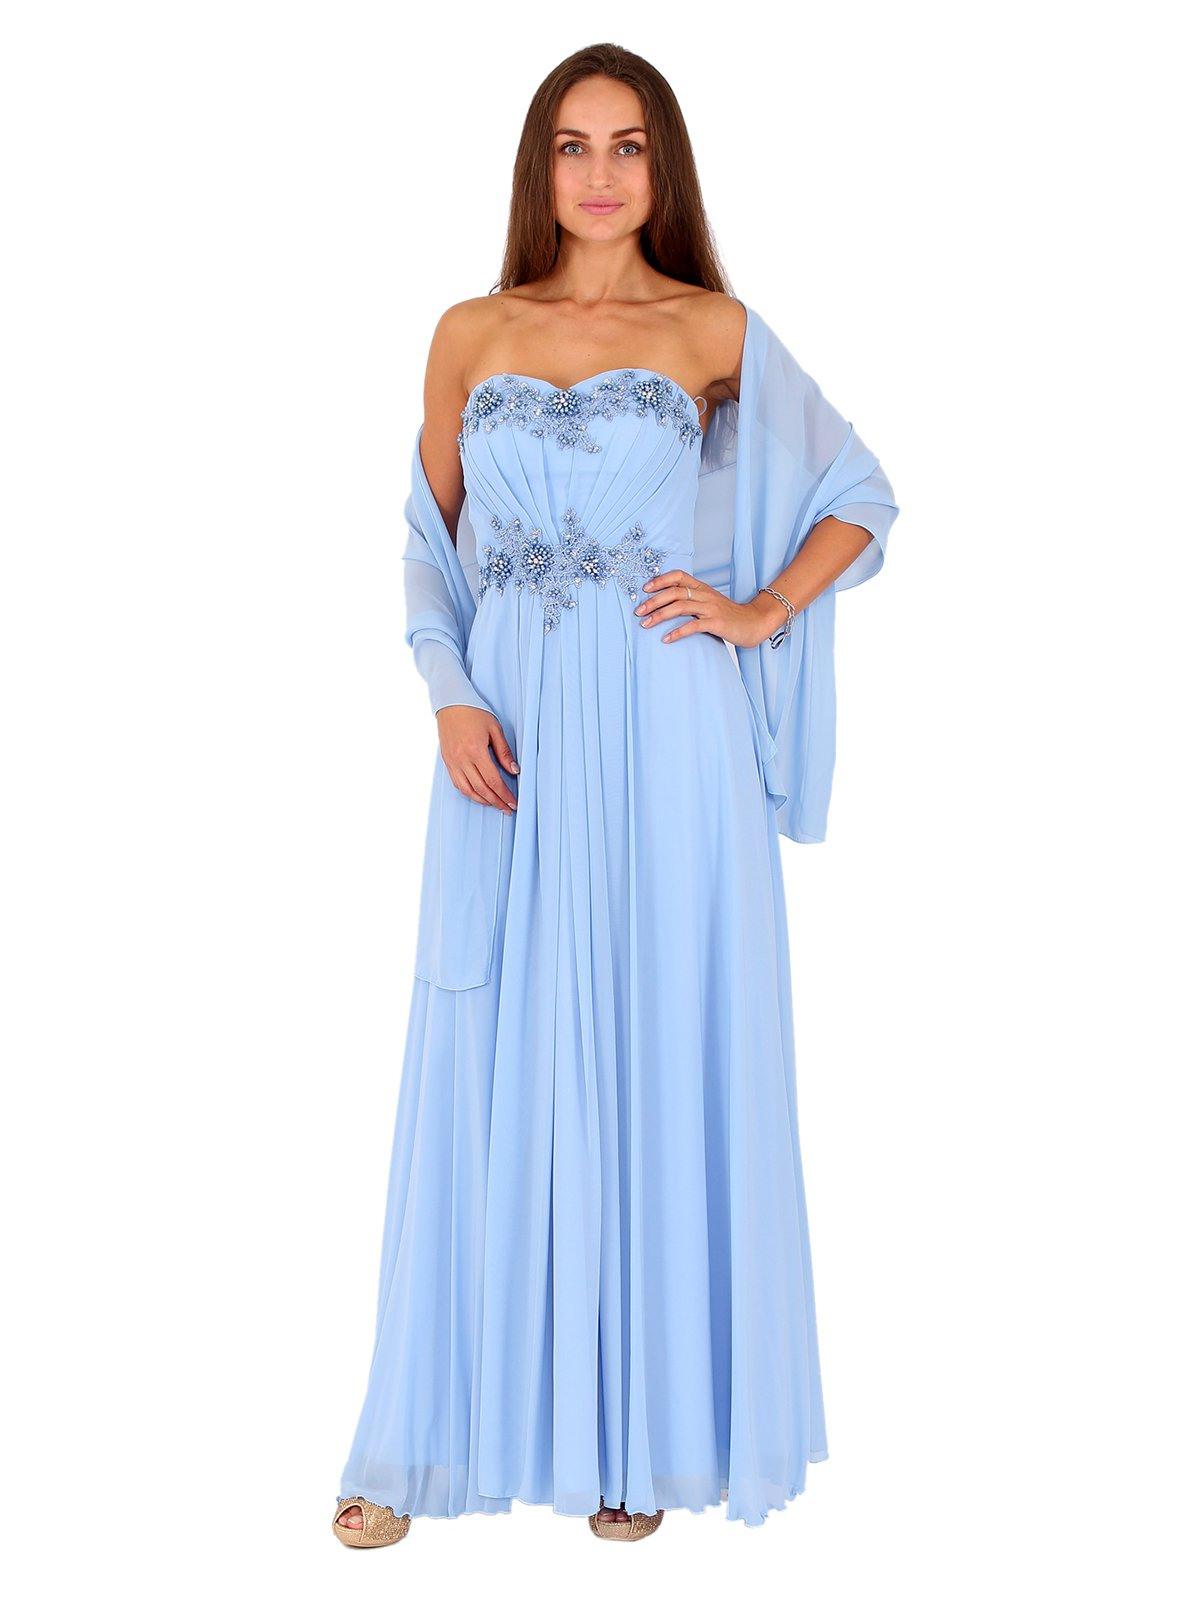 Kleid Chiffon Hellblau  Modische Damenkleider